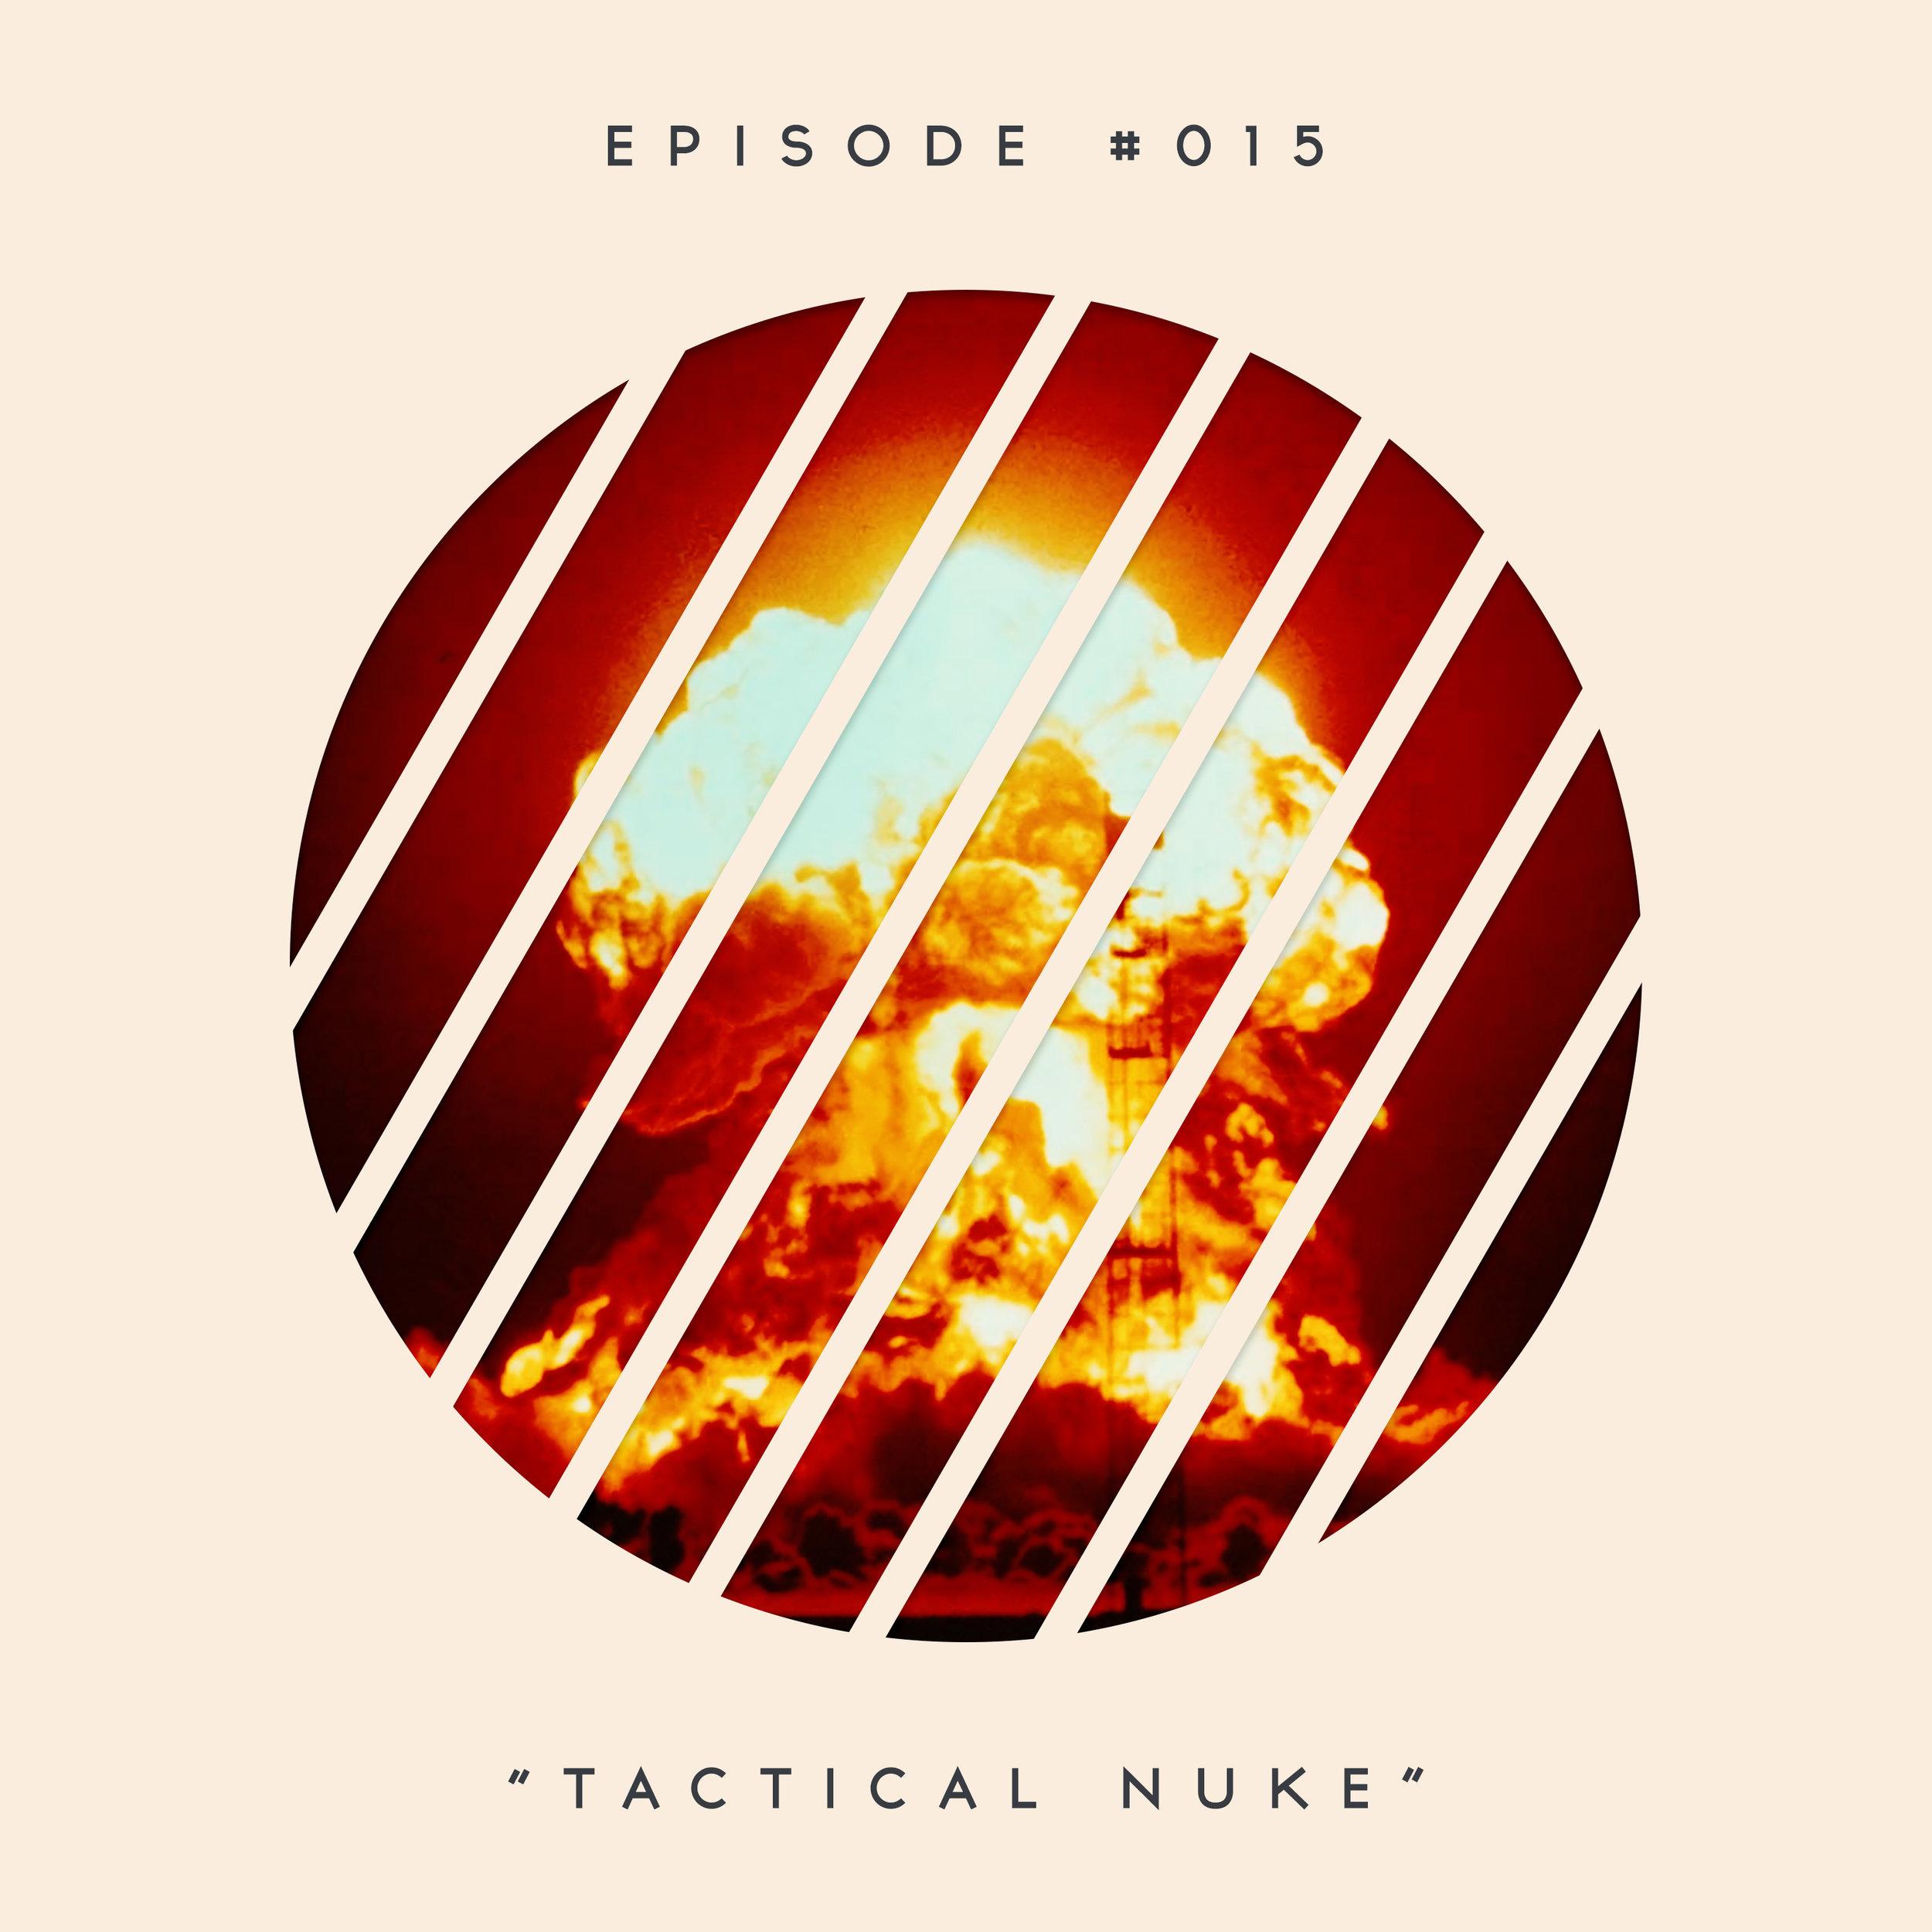 Tactical-Nuke.jpg